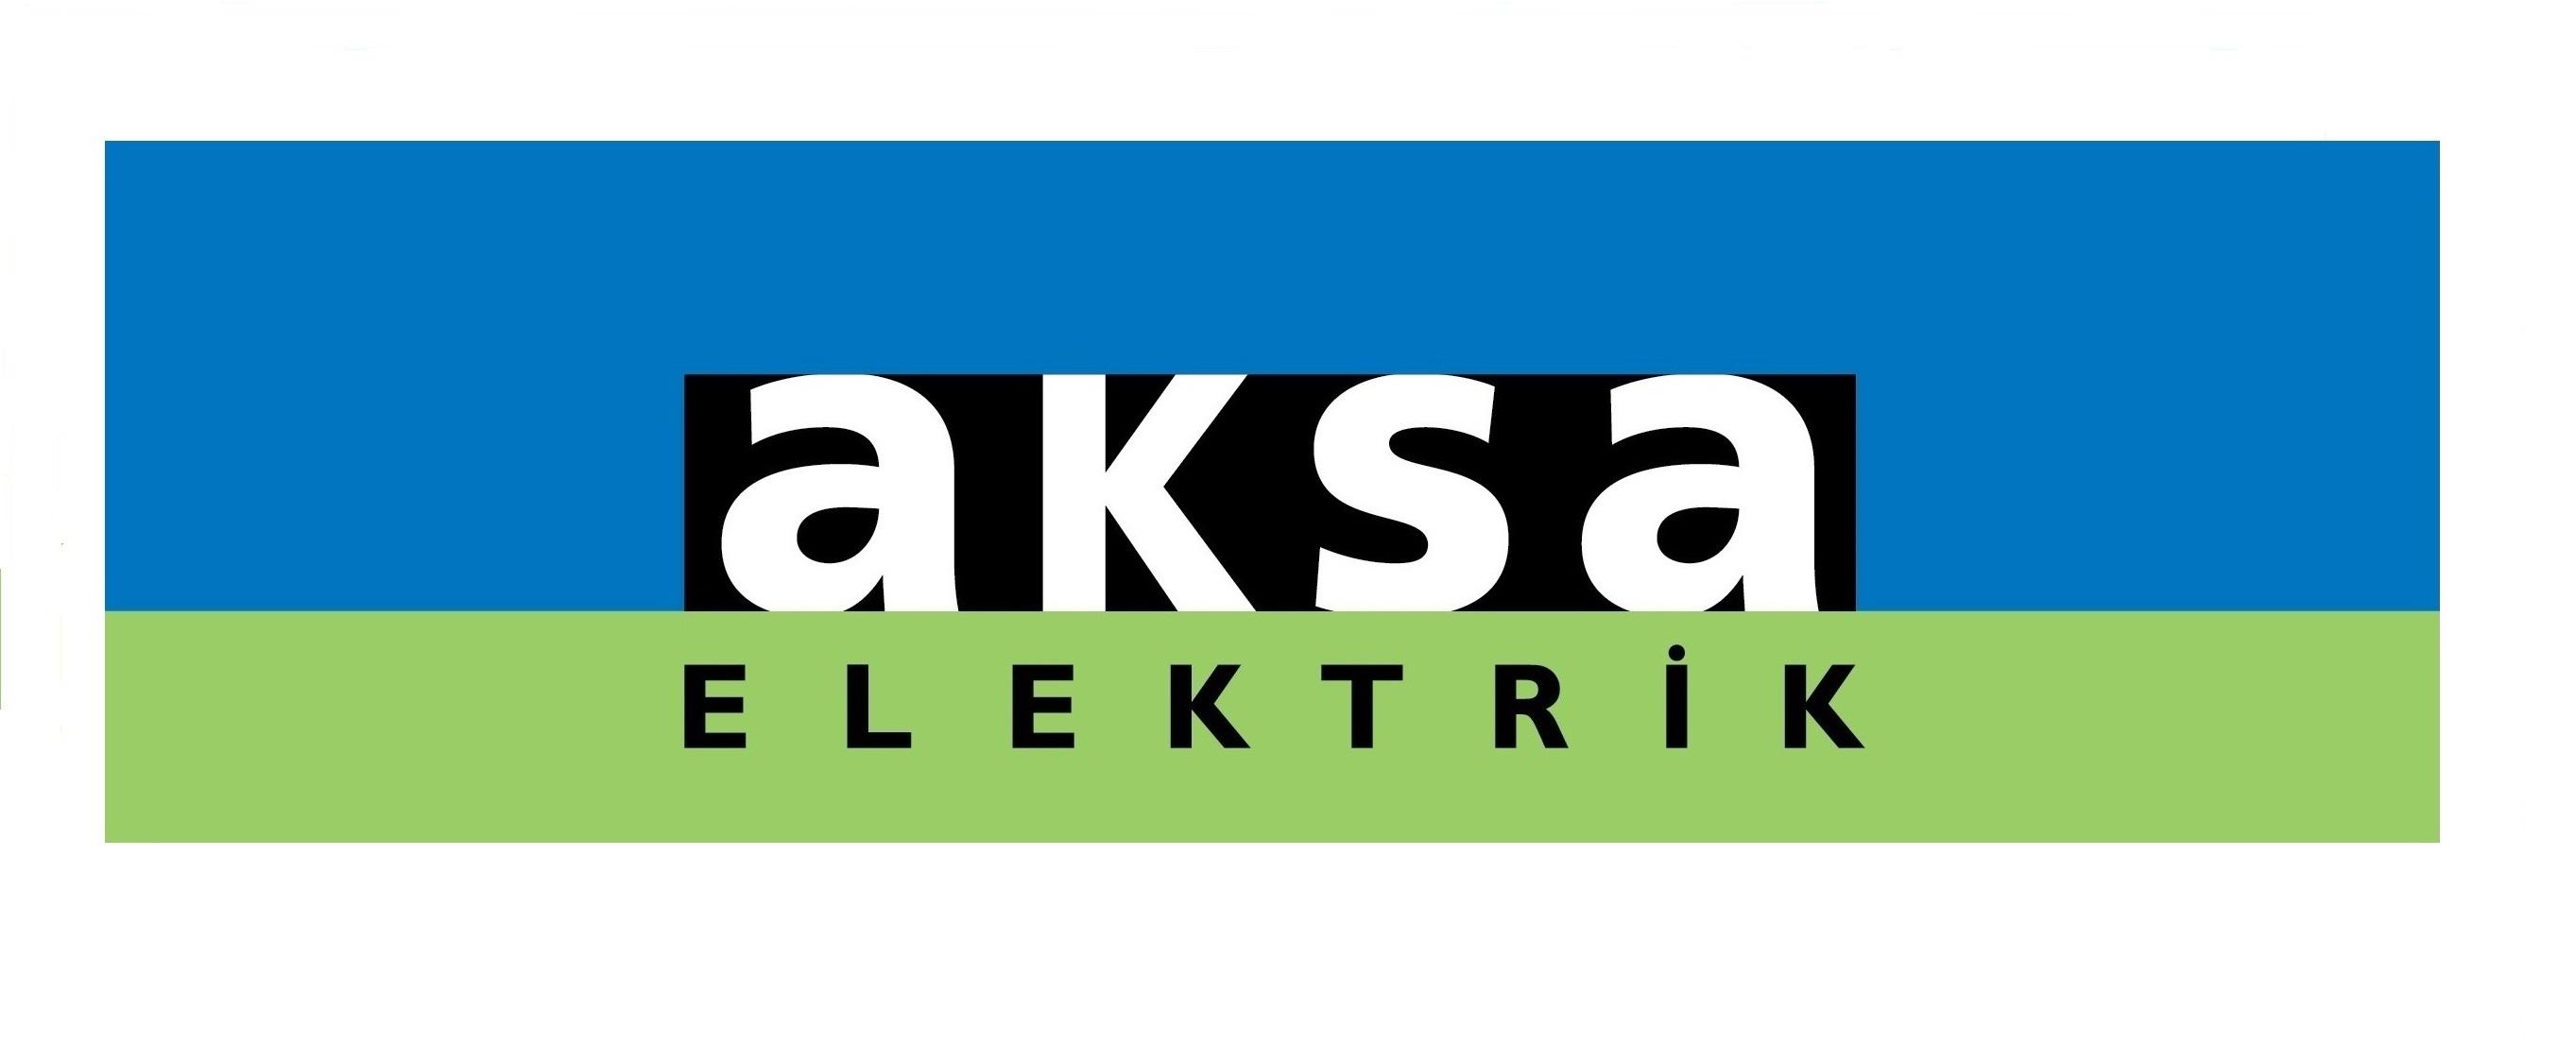 Aksa Fırat Elektrik tüketim rakamlarını açıkladı